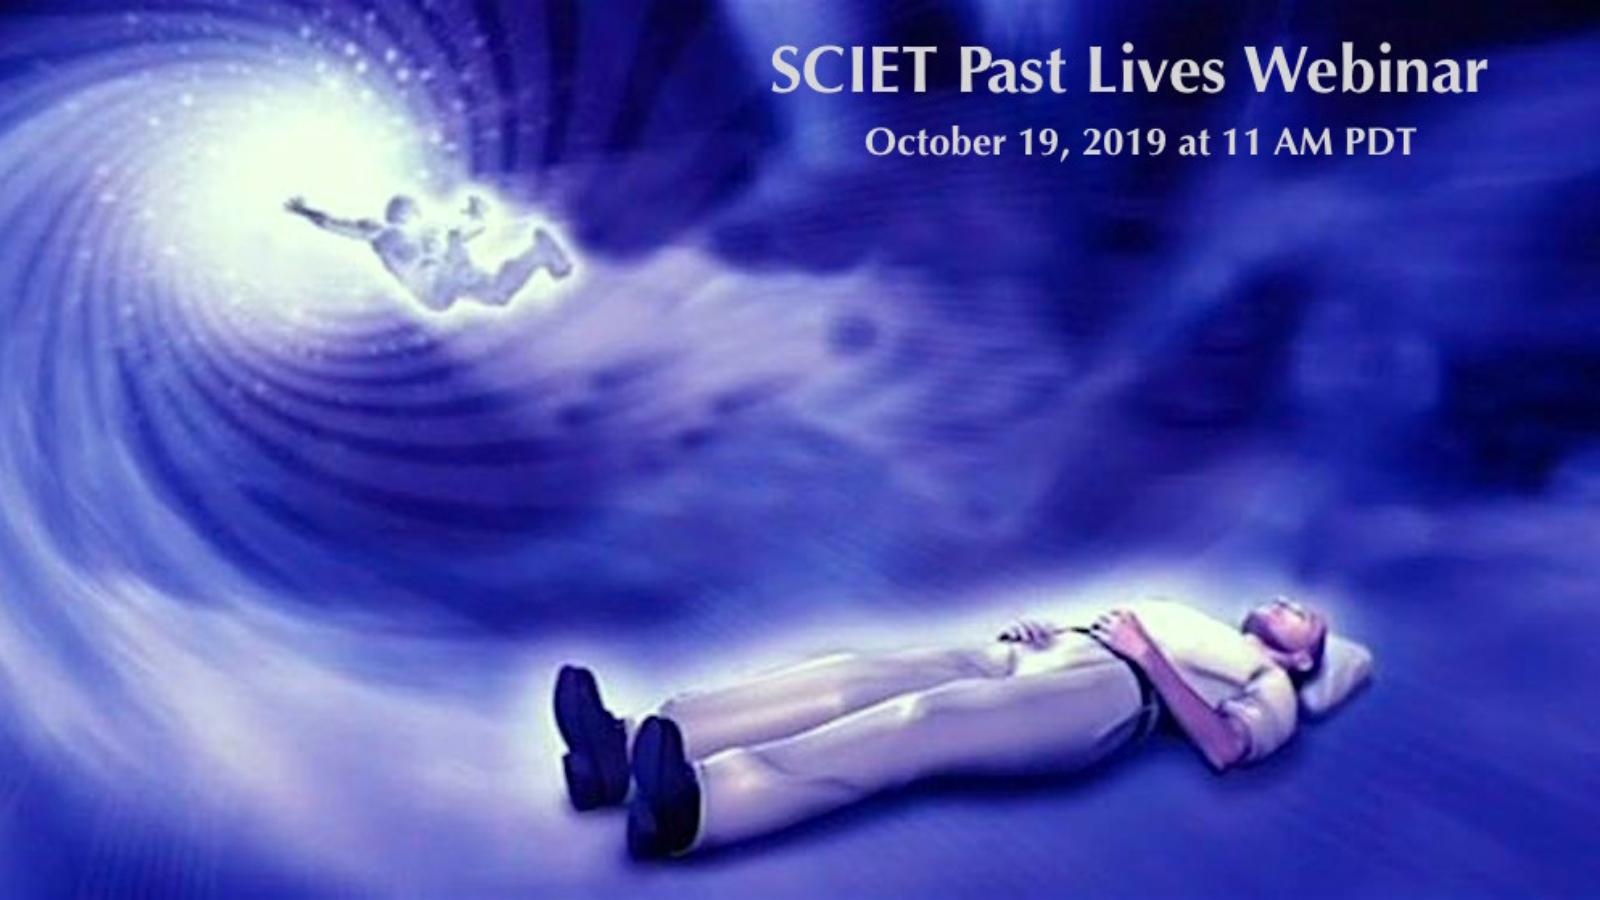 SCIET past lives